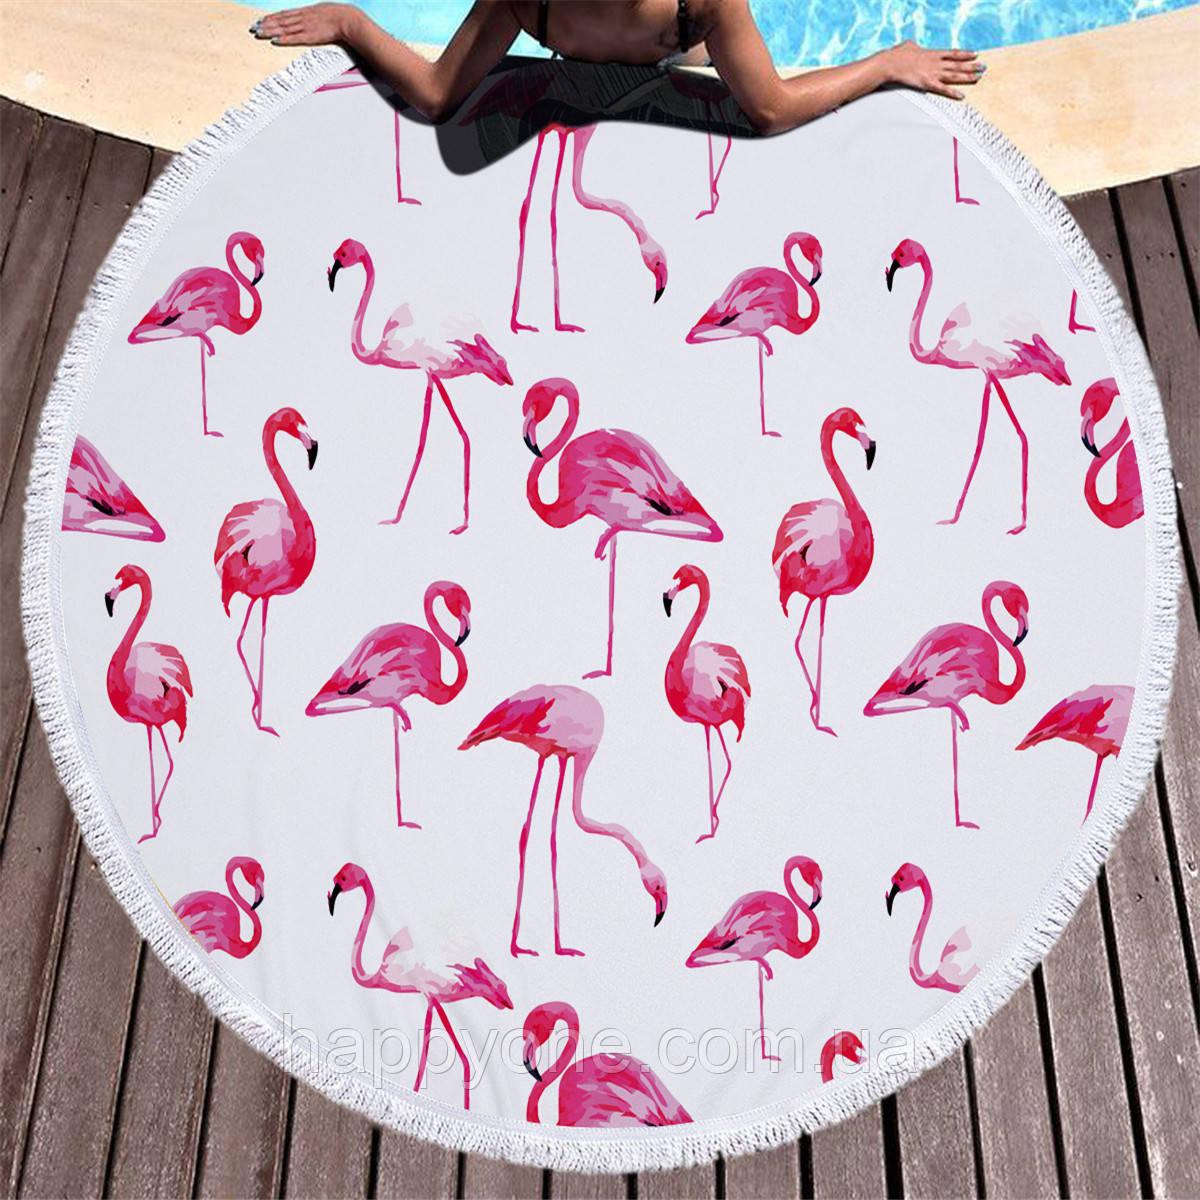 """Пляжный коврик """"Розовый Фламинго"""" (150 см)"""